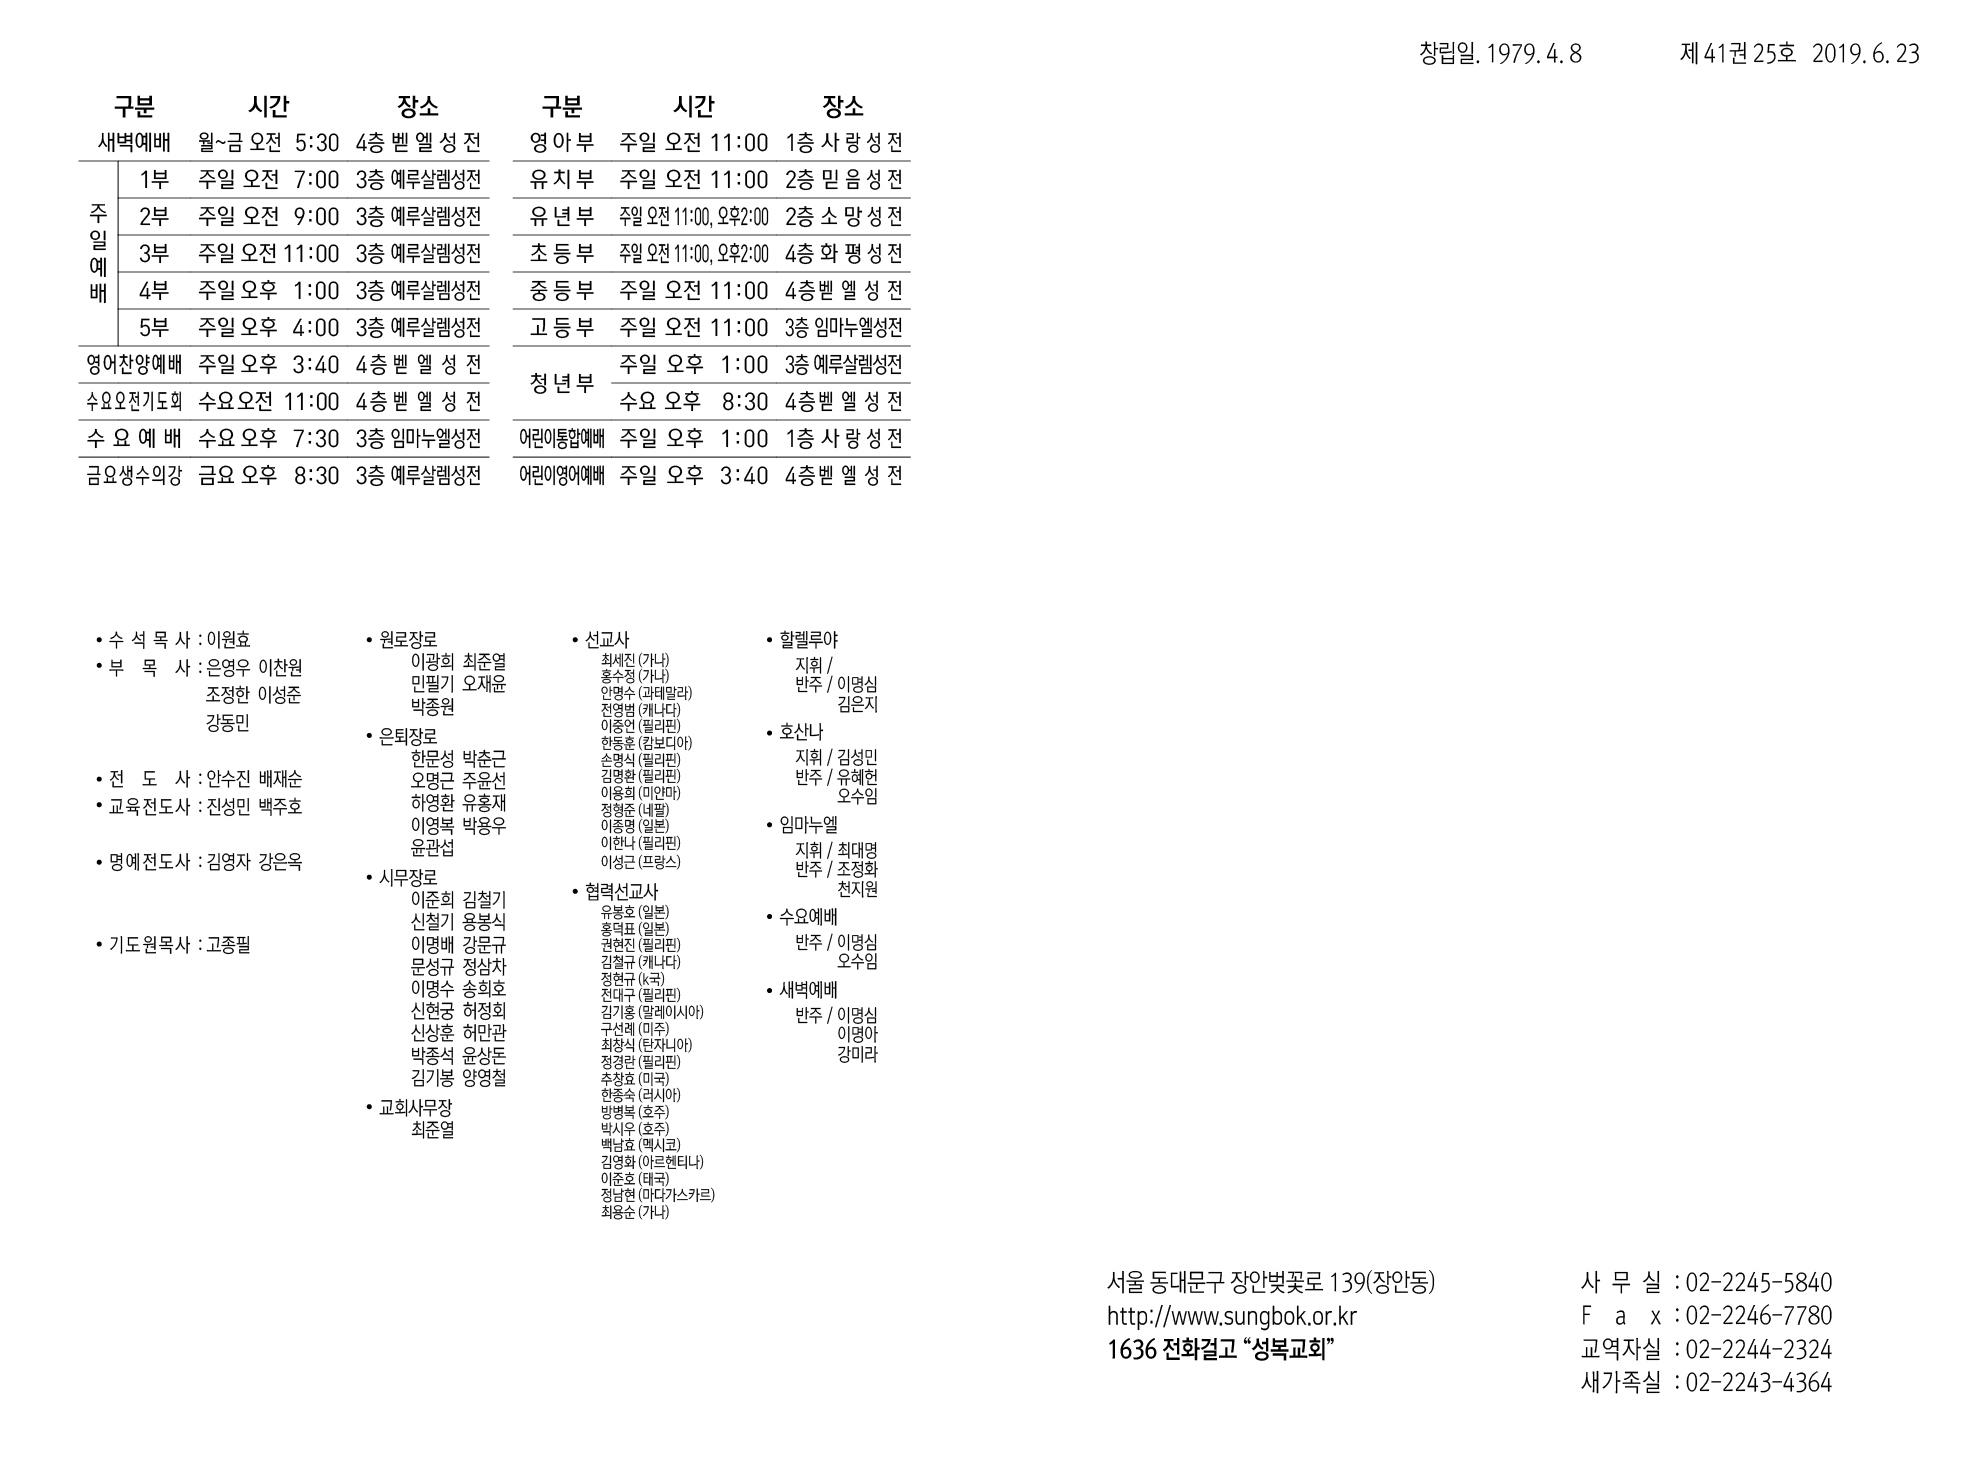 bf7a5372fca737e59808fefb9700b9e7.jpg